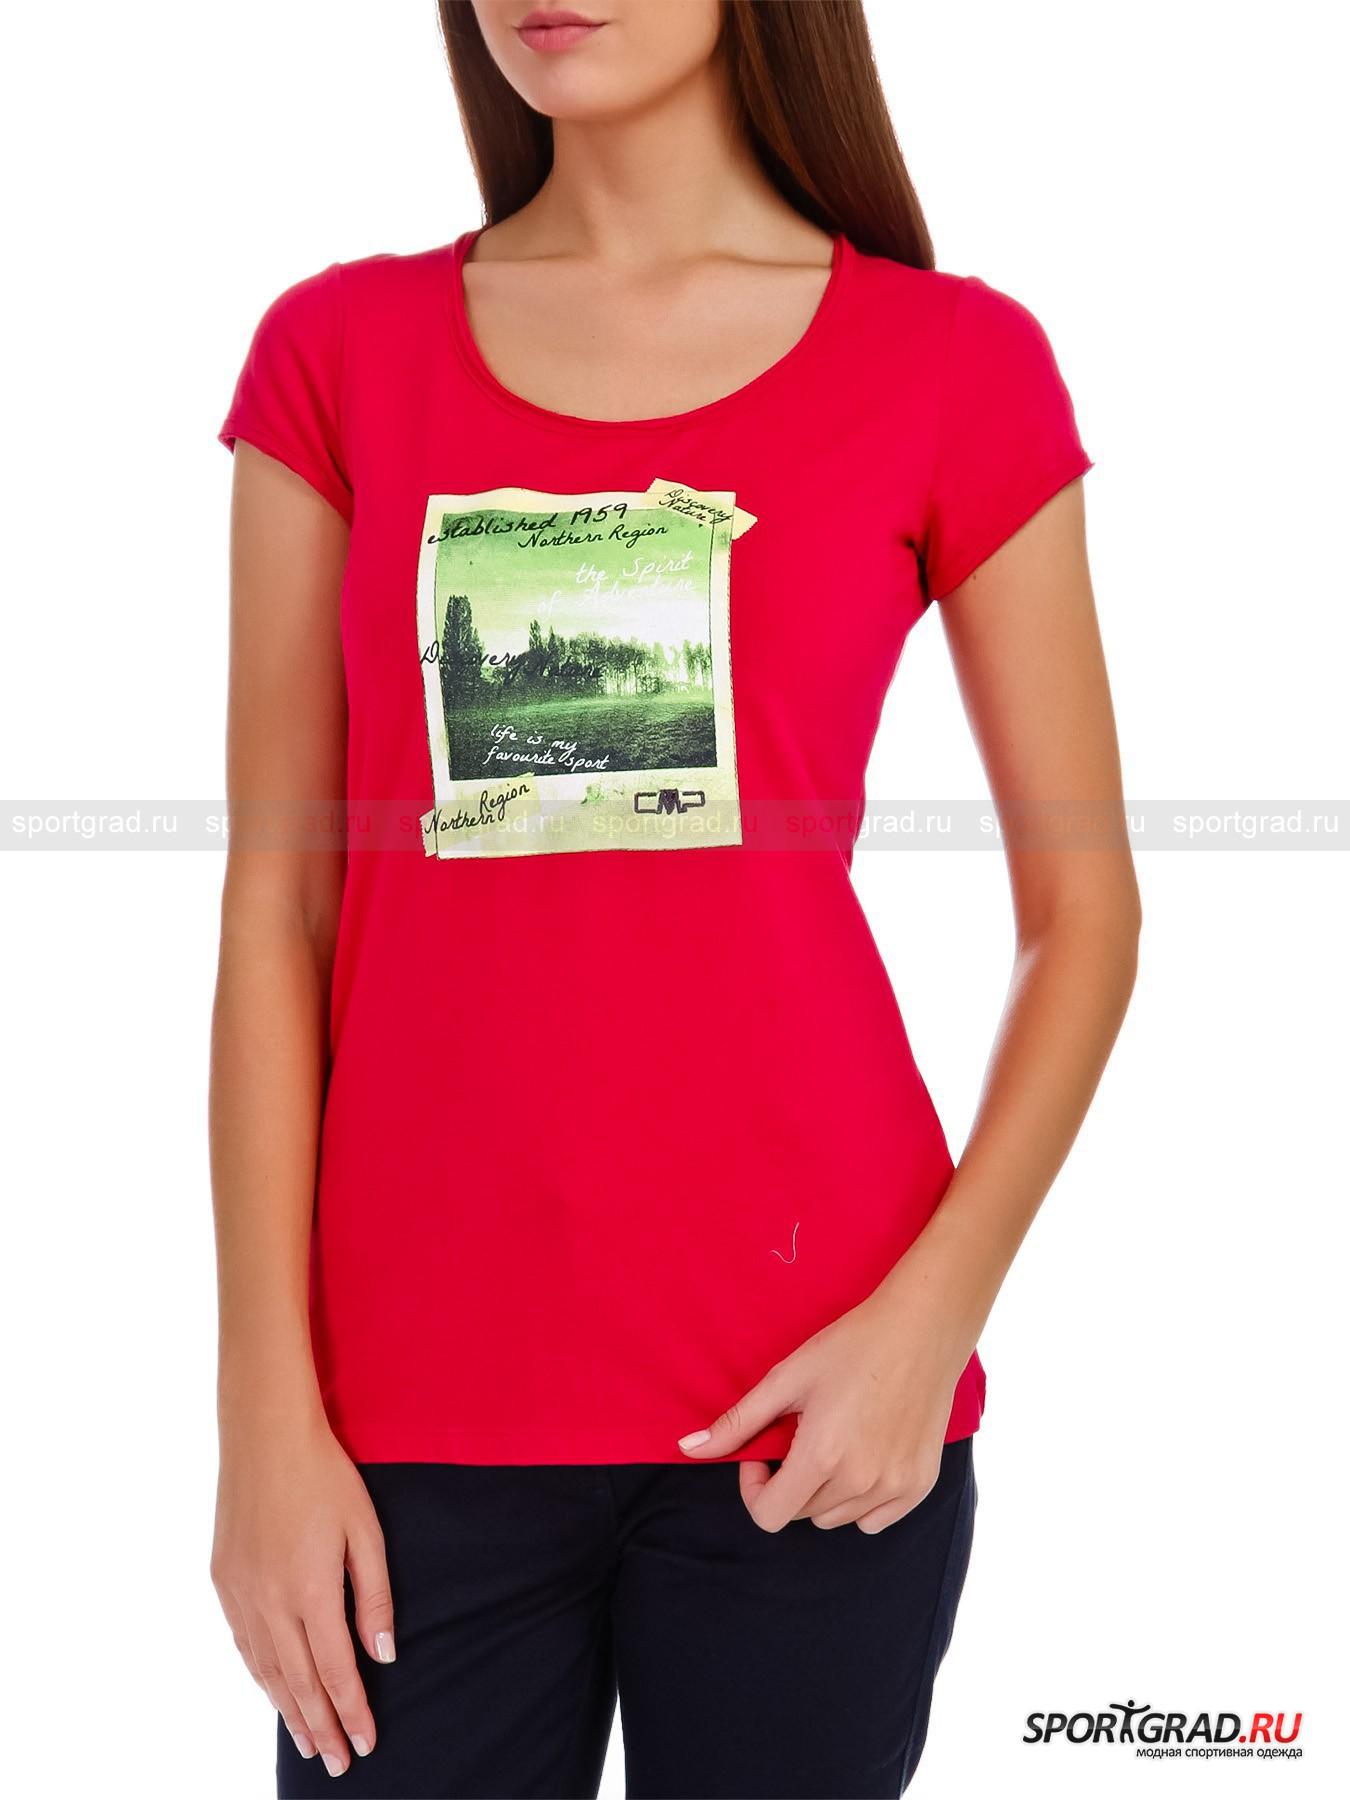 Футболка женская STRETCH T-SHIRT CAMPAGNOLOФутболки<br>Мягкая женская футболка с принтом от CAMPAGNOLO. Изящный приталенный крой в сочетании с первоклассной хлопковой тканью обеспечивают удобную посадку и подчёркивают женственность Вашей фигуры. Во всю грудь красуется принт в виде ретро-фотокарточки Polaroid, на котором запечатлены лес и поле в тумане… Романтика… Короткие  рукава в сочетании с рваной окантовкой и большим принтом смотрятся отлично. Насыщенный розовый цвет и итальянское качество CAMPAGNOLO для модных девушек, любящих стиль casual.<br><br>Пол: Женский<br>Возраст: Взрослый<br>Тип: Футболки<br>Рекомендации по уходу: Ручная стирка при 40 градусах, щадящий отжим, гладить при температуре до 110 градусов.<br>Состав: 95% хлопок; 5% эластан.